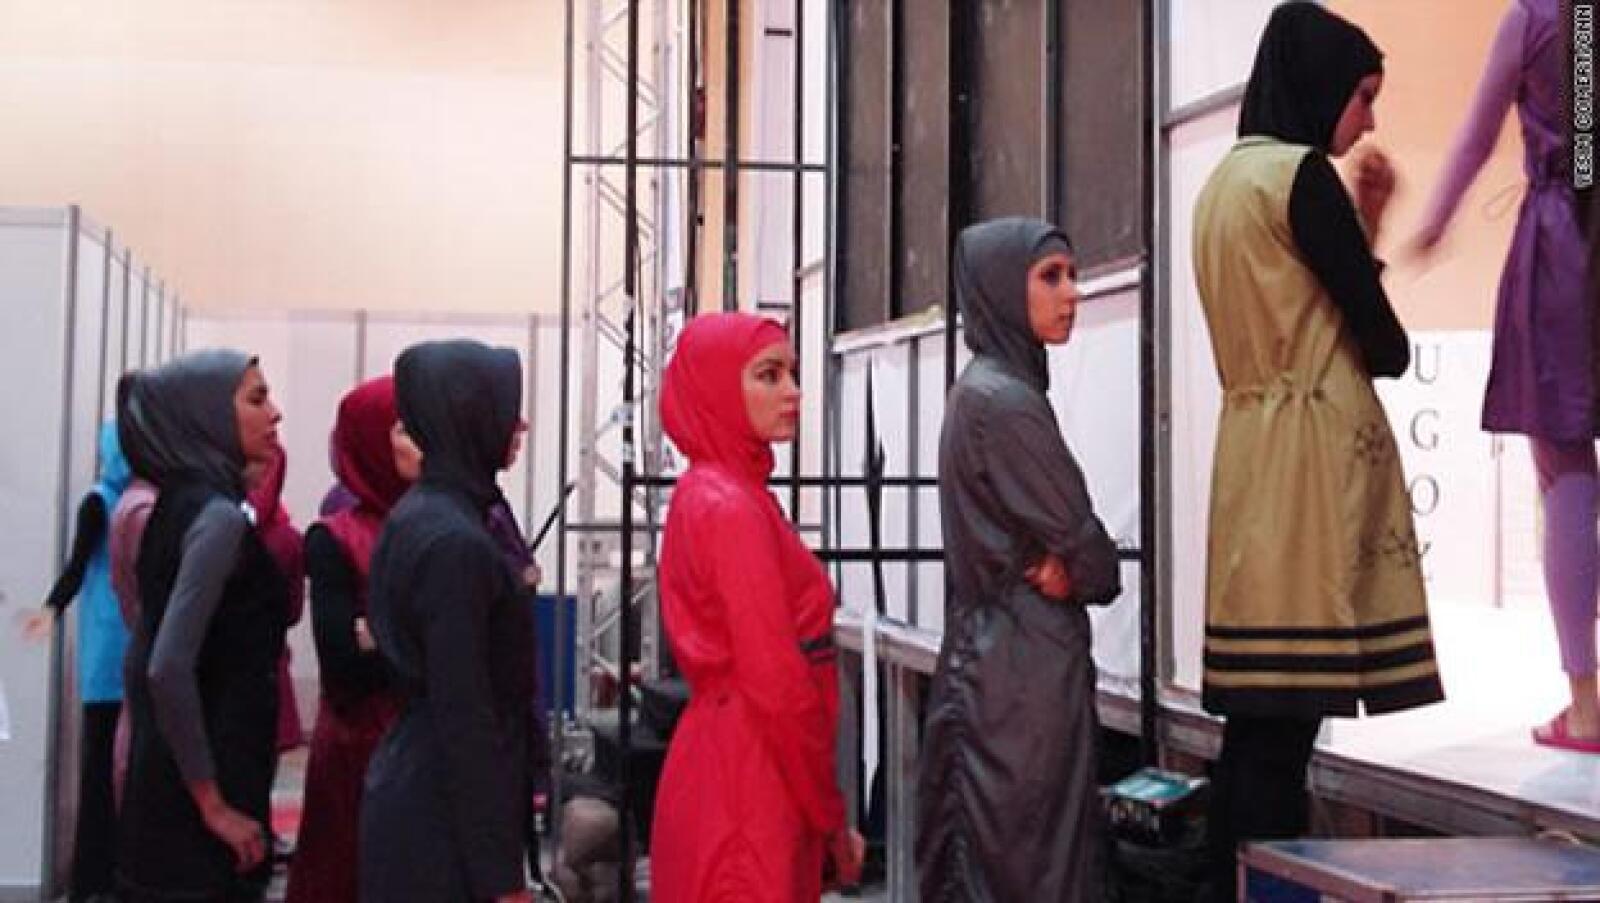 Las modelos de trajes de baño esperan su turno para desfilar en la pasarela